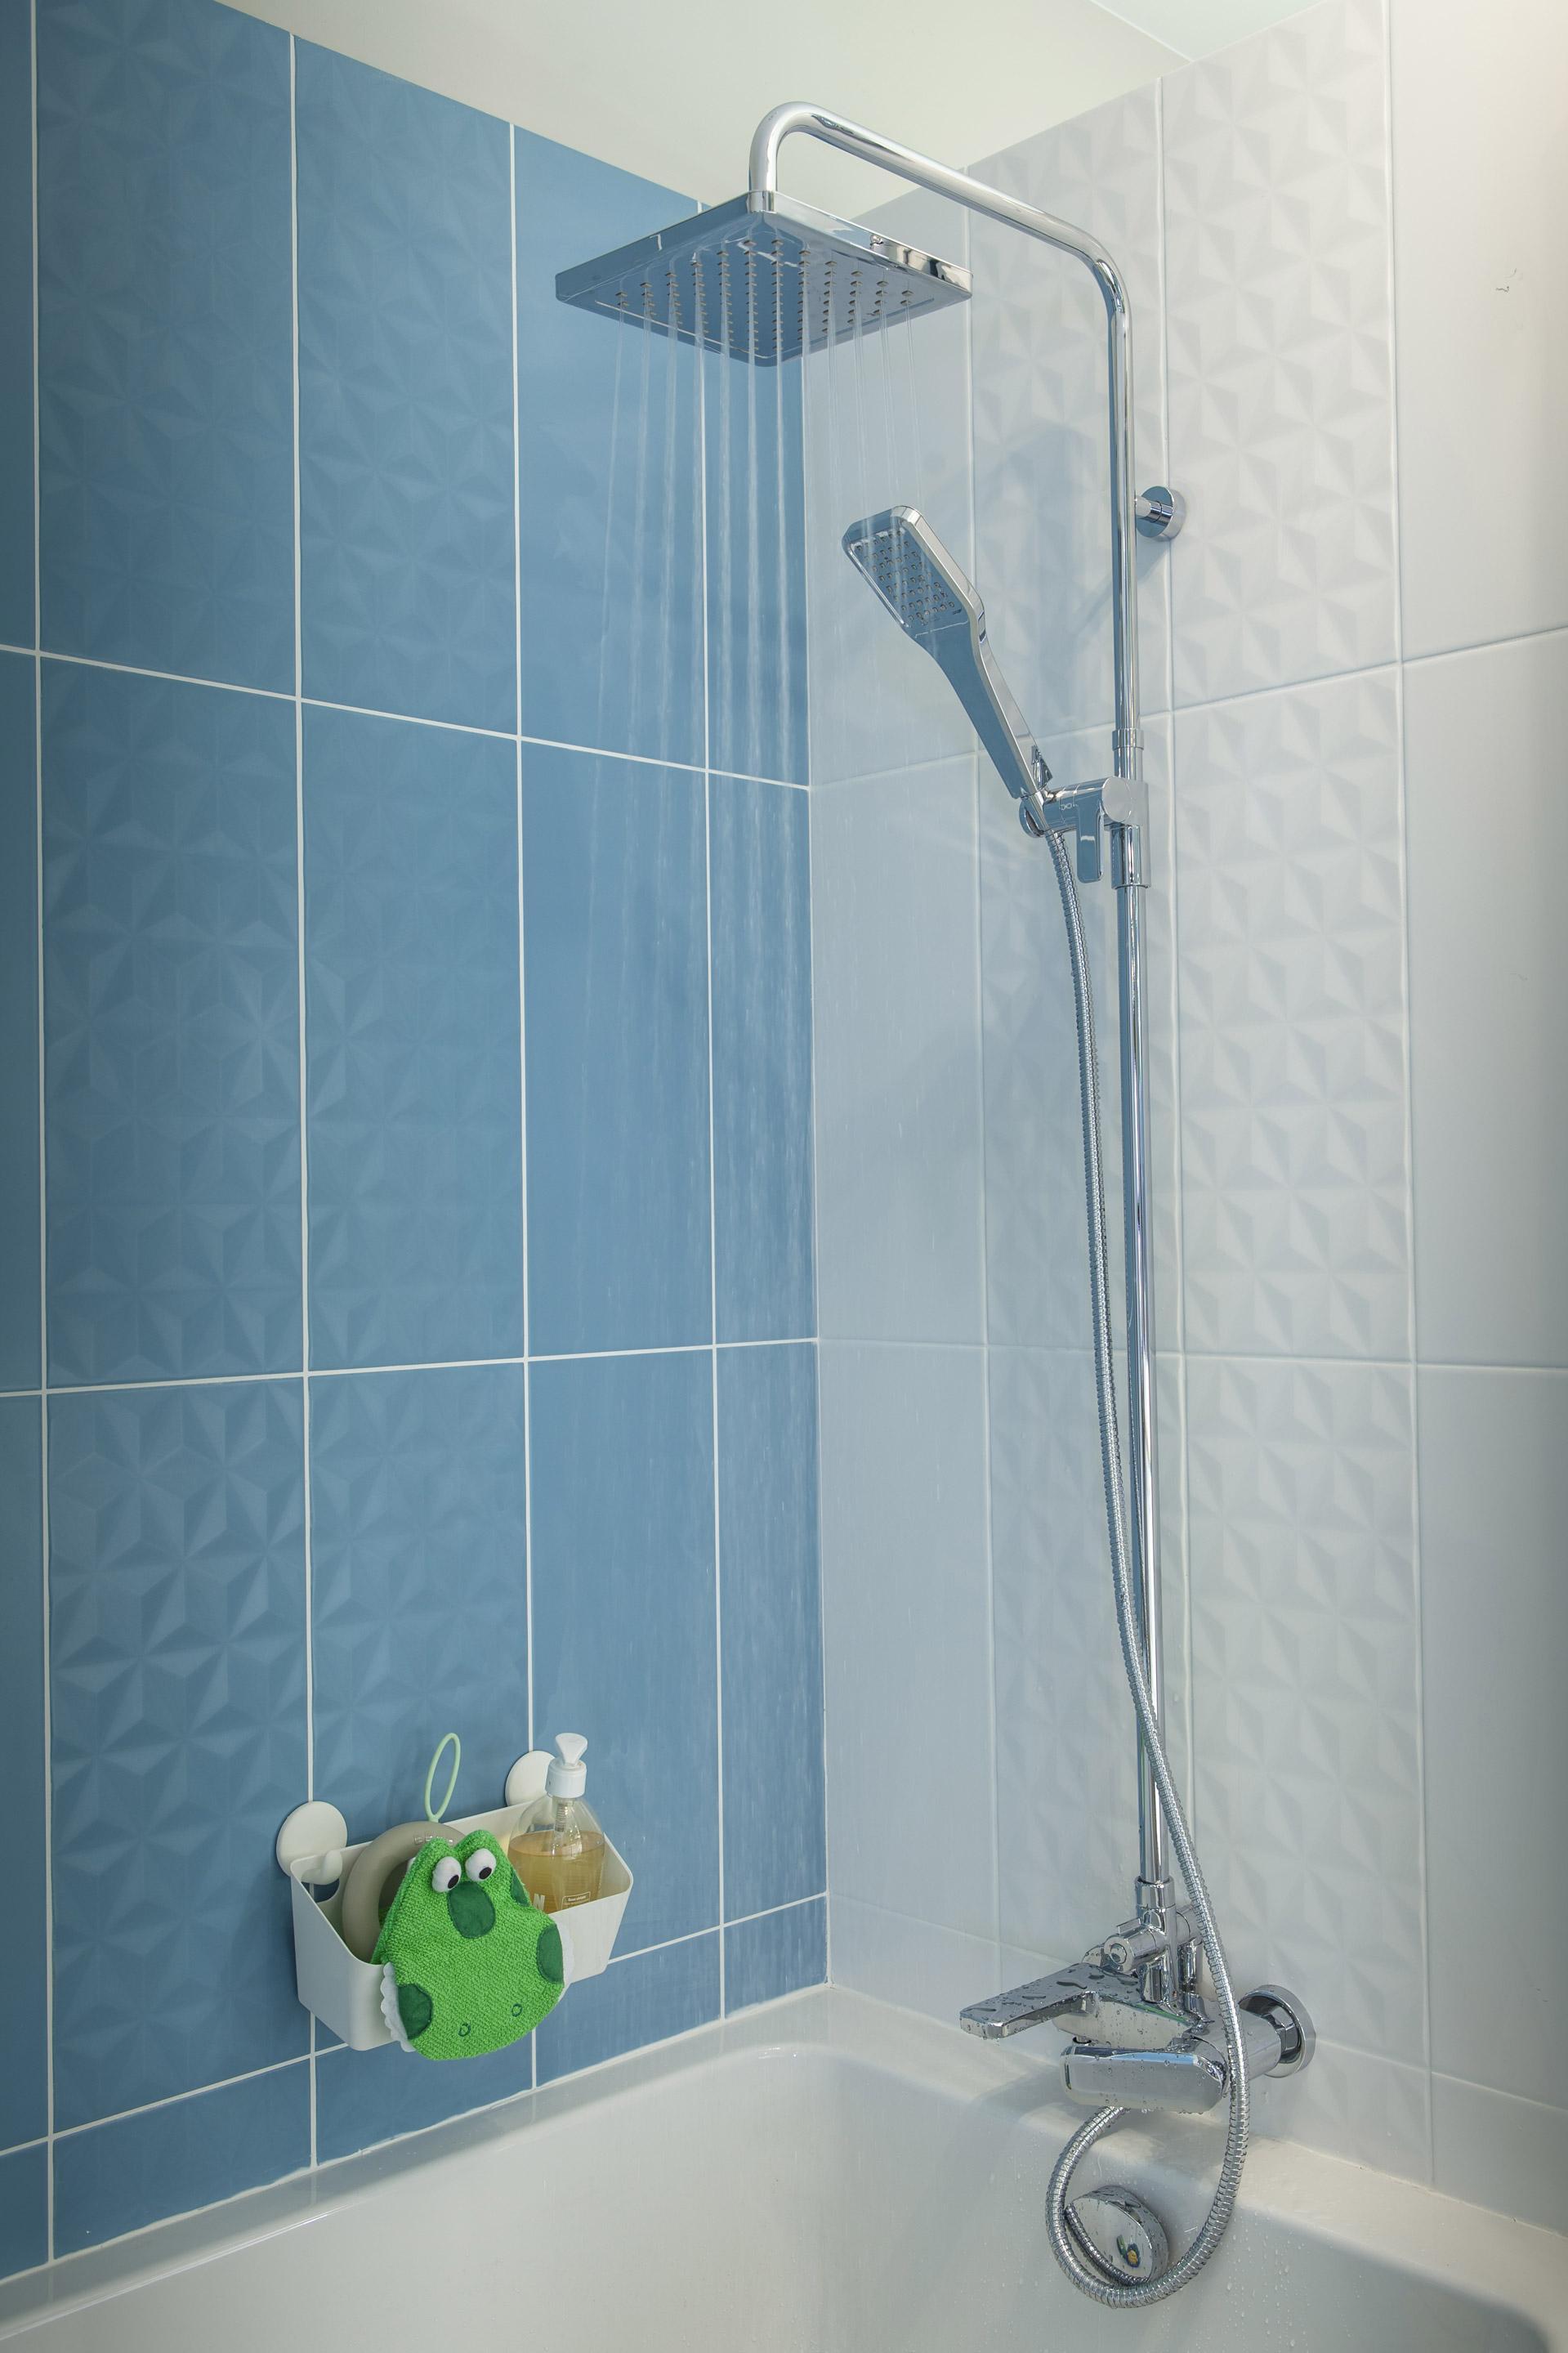 Décor mur uni bleu baltique n°3 mat l.20 x L.50.2 cm, Loft facette